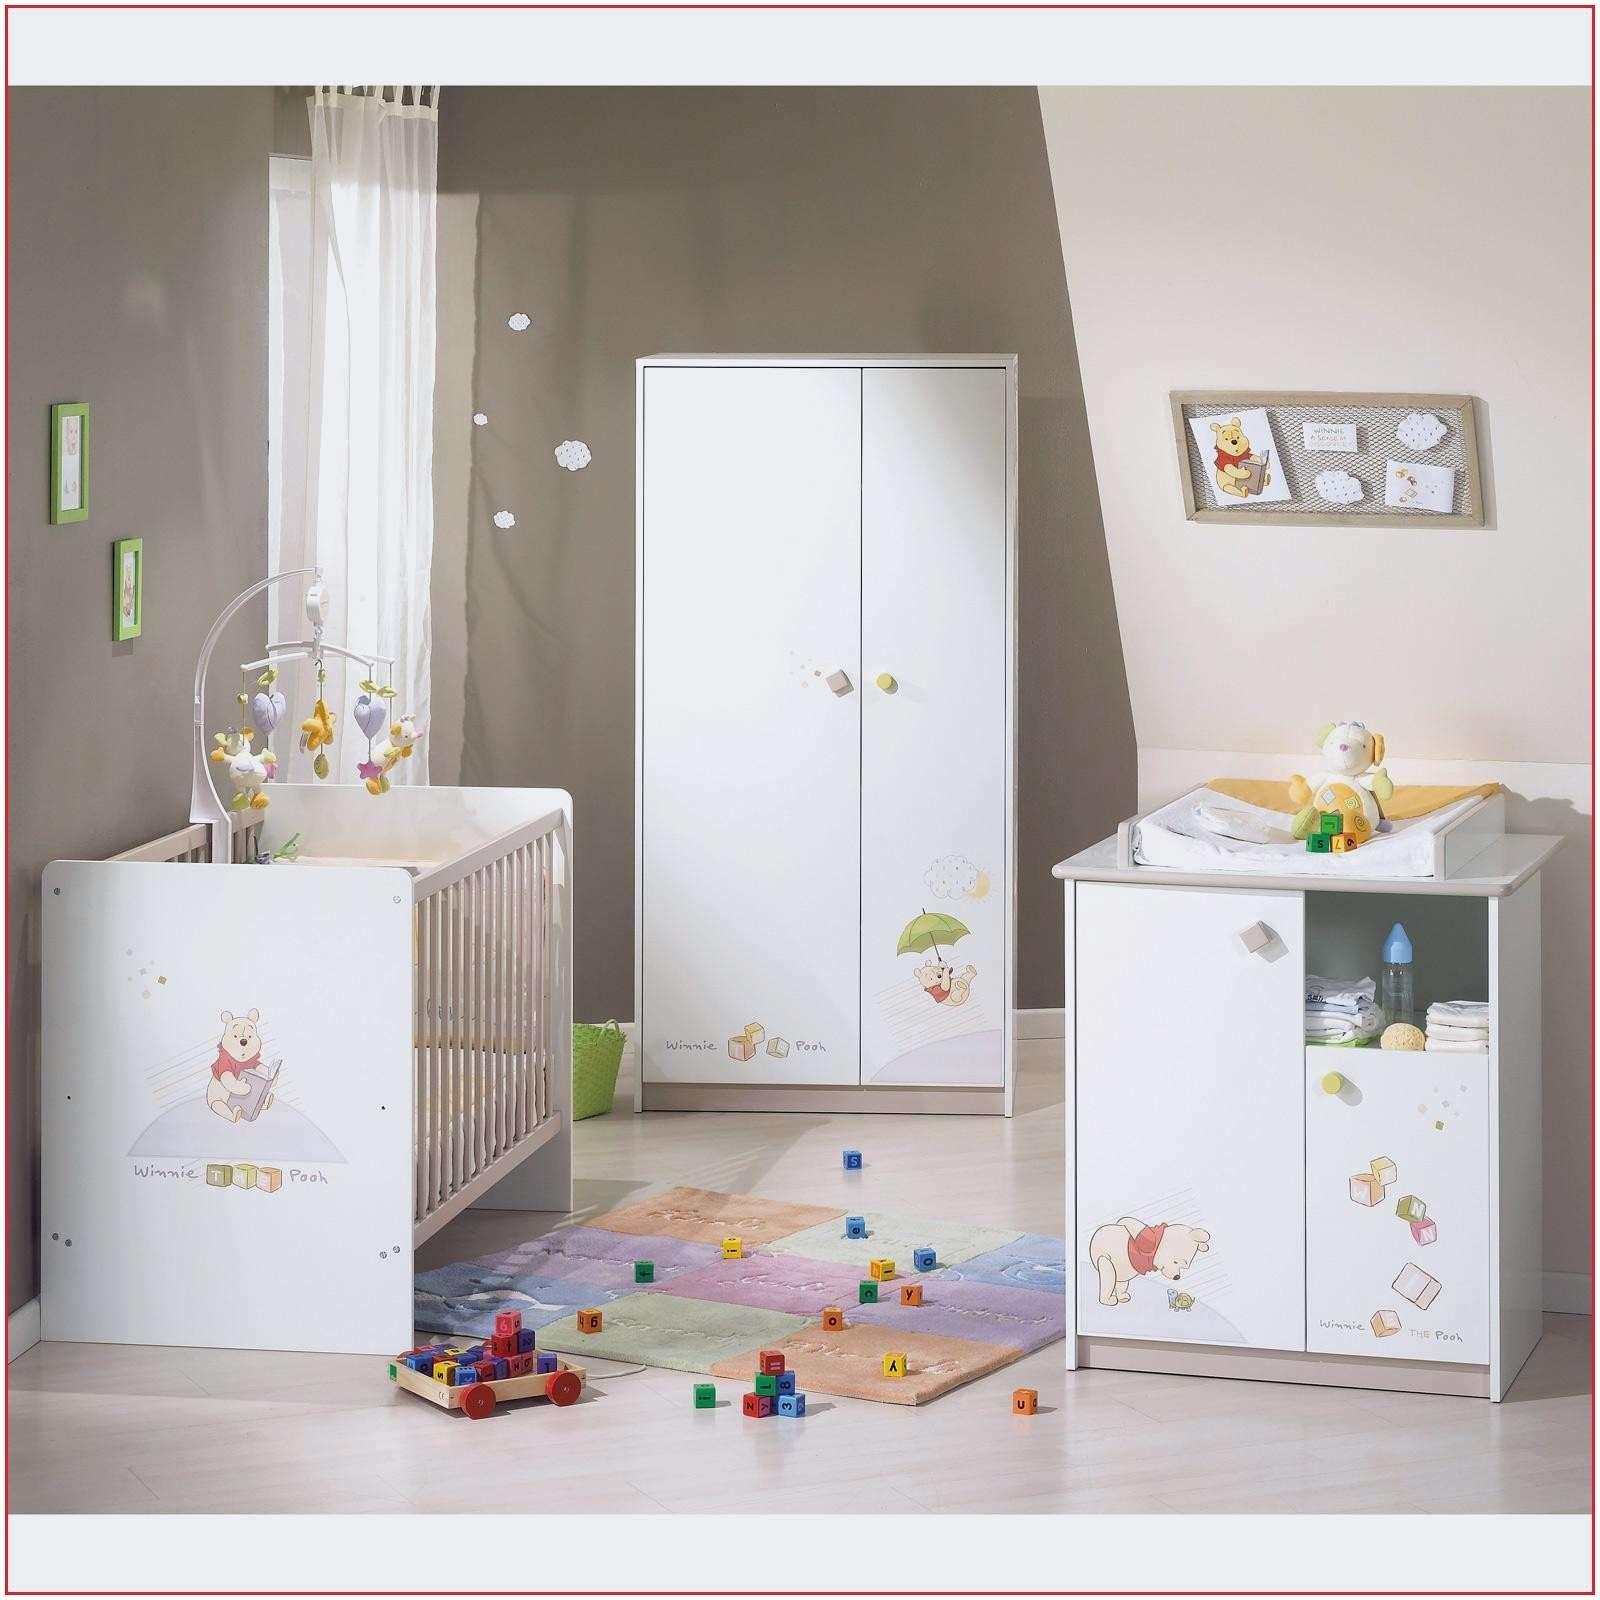 Moustiquaire Pour Lit Bébé Inspirant Unique Decoration Londres Chambre Conforama Meilleur De S Conforama